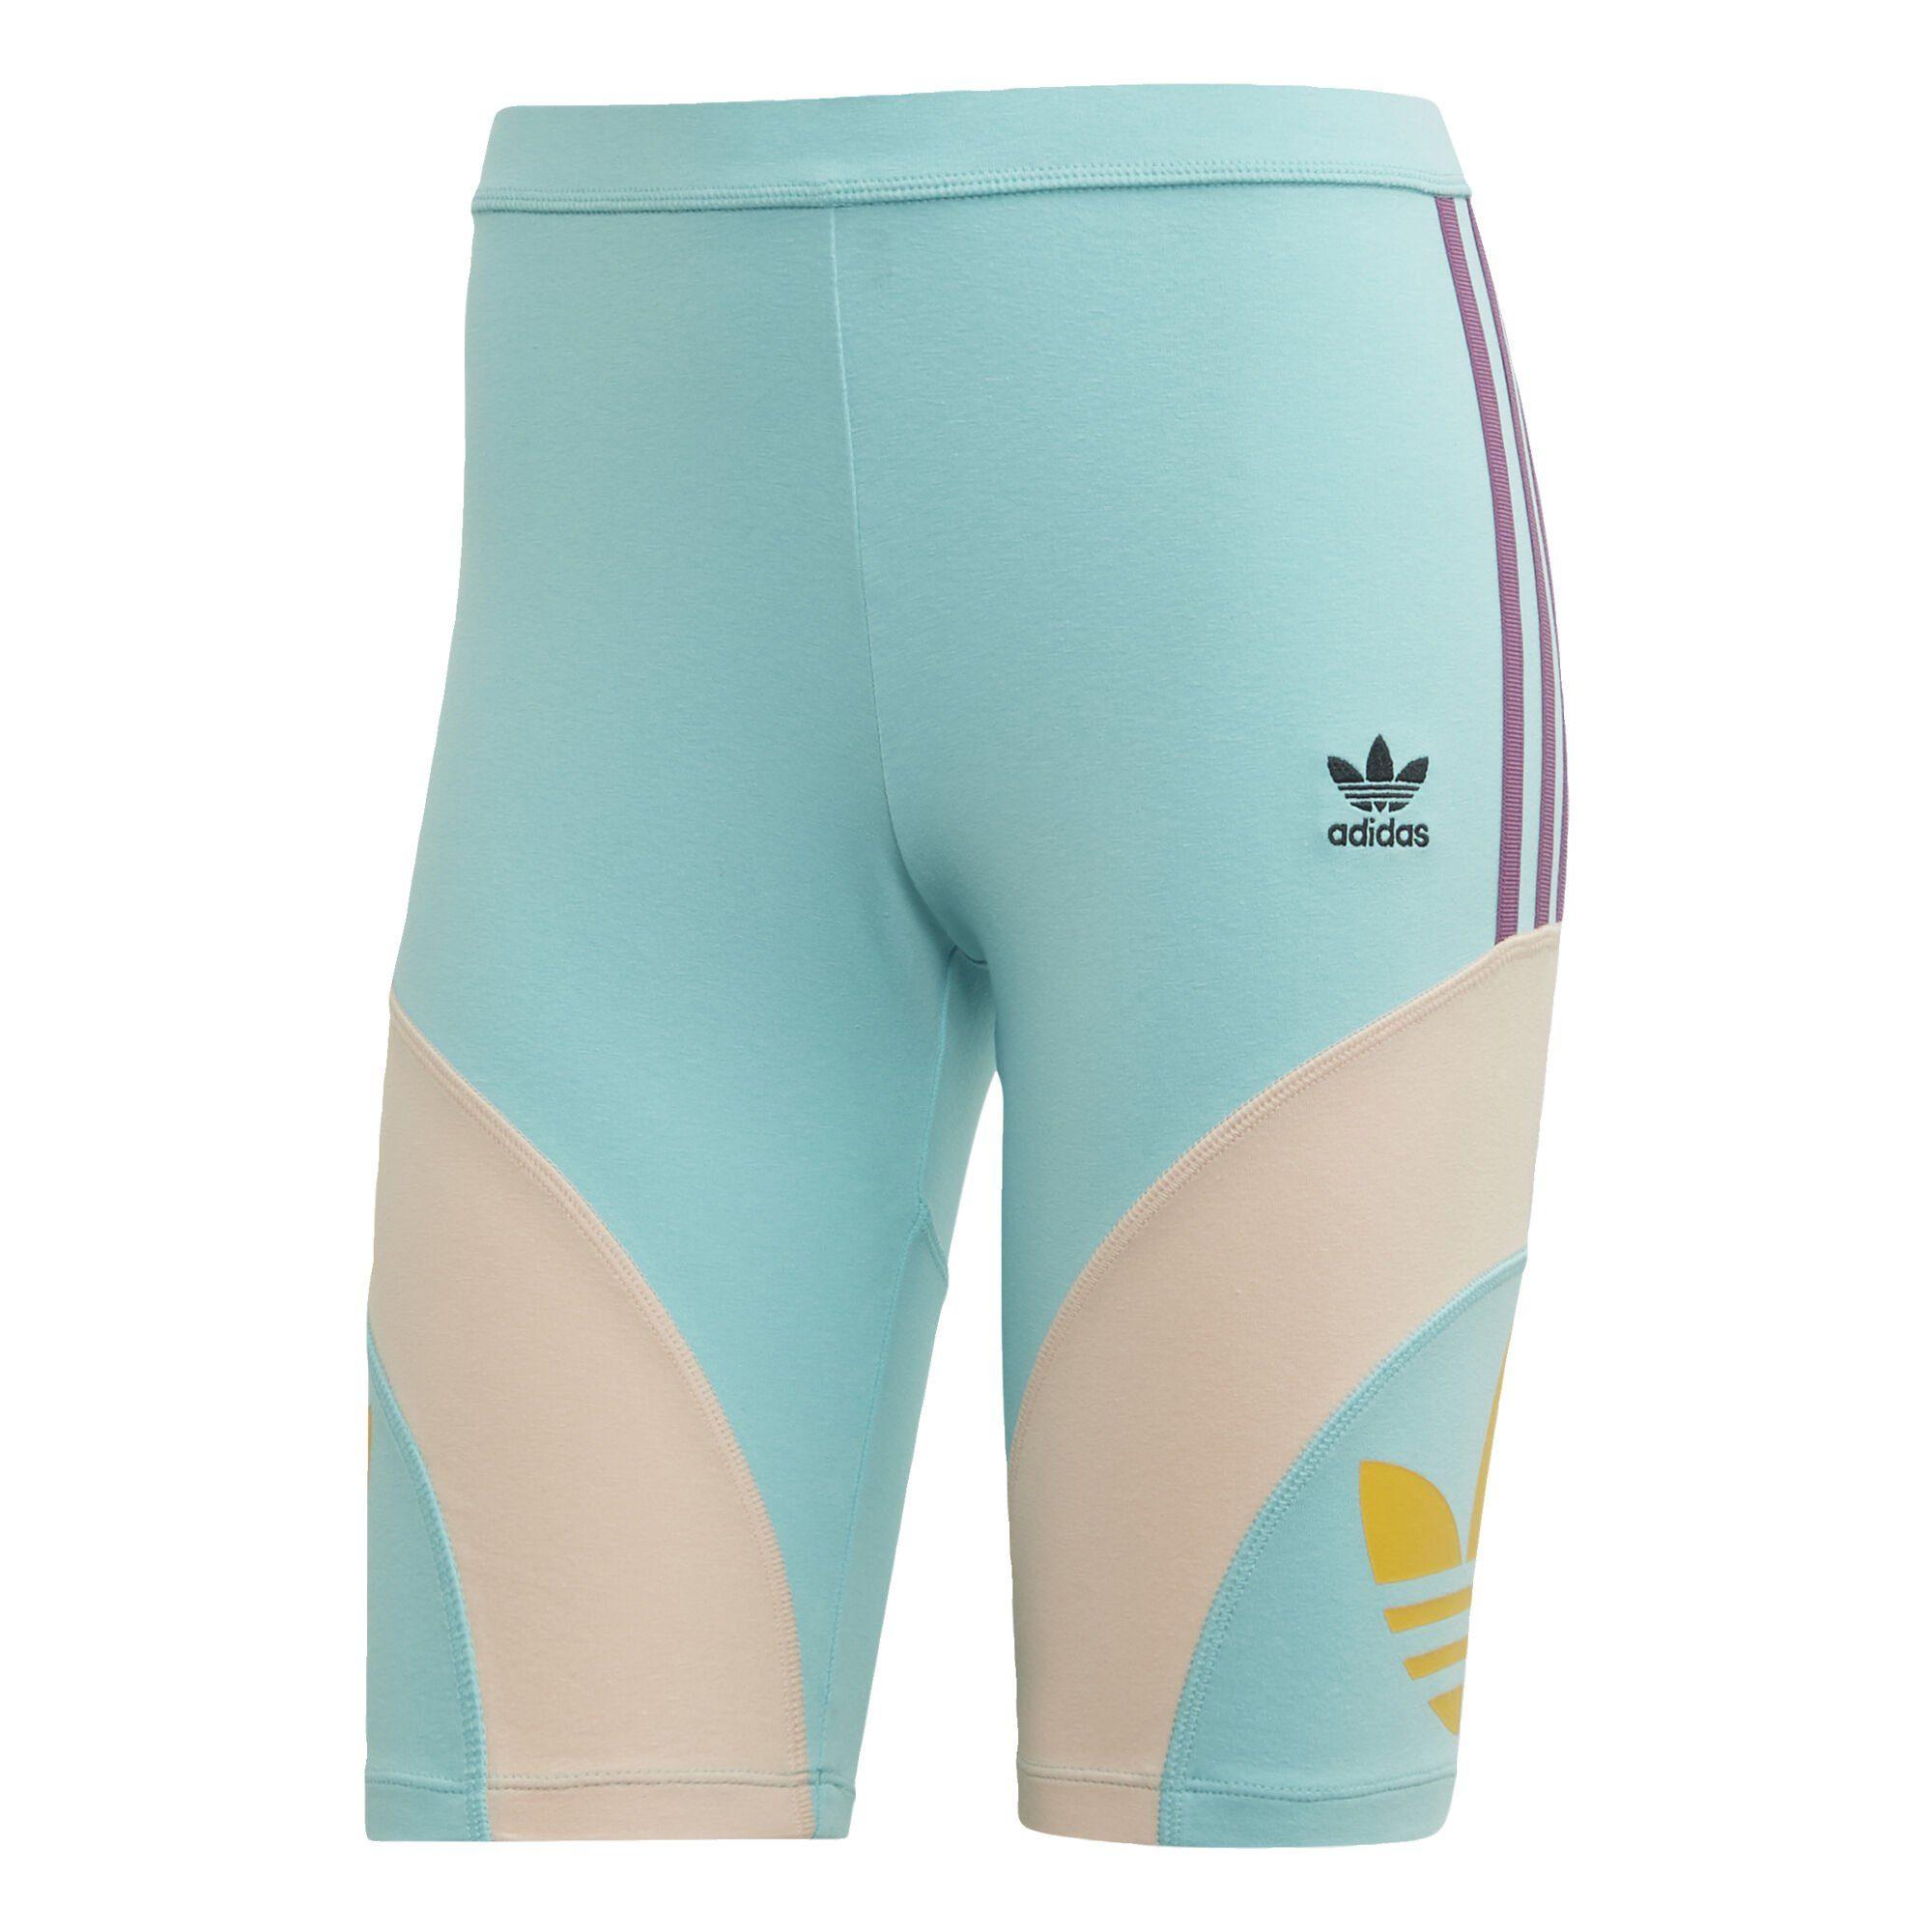 adidas Originals Shorts »Cycling Shorts« kaufen | OTTO